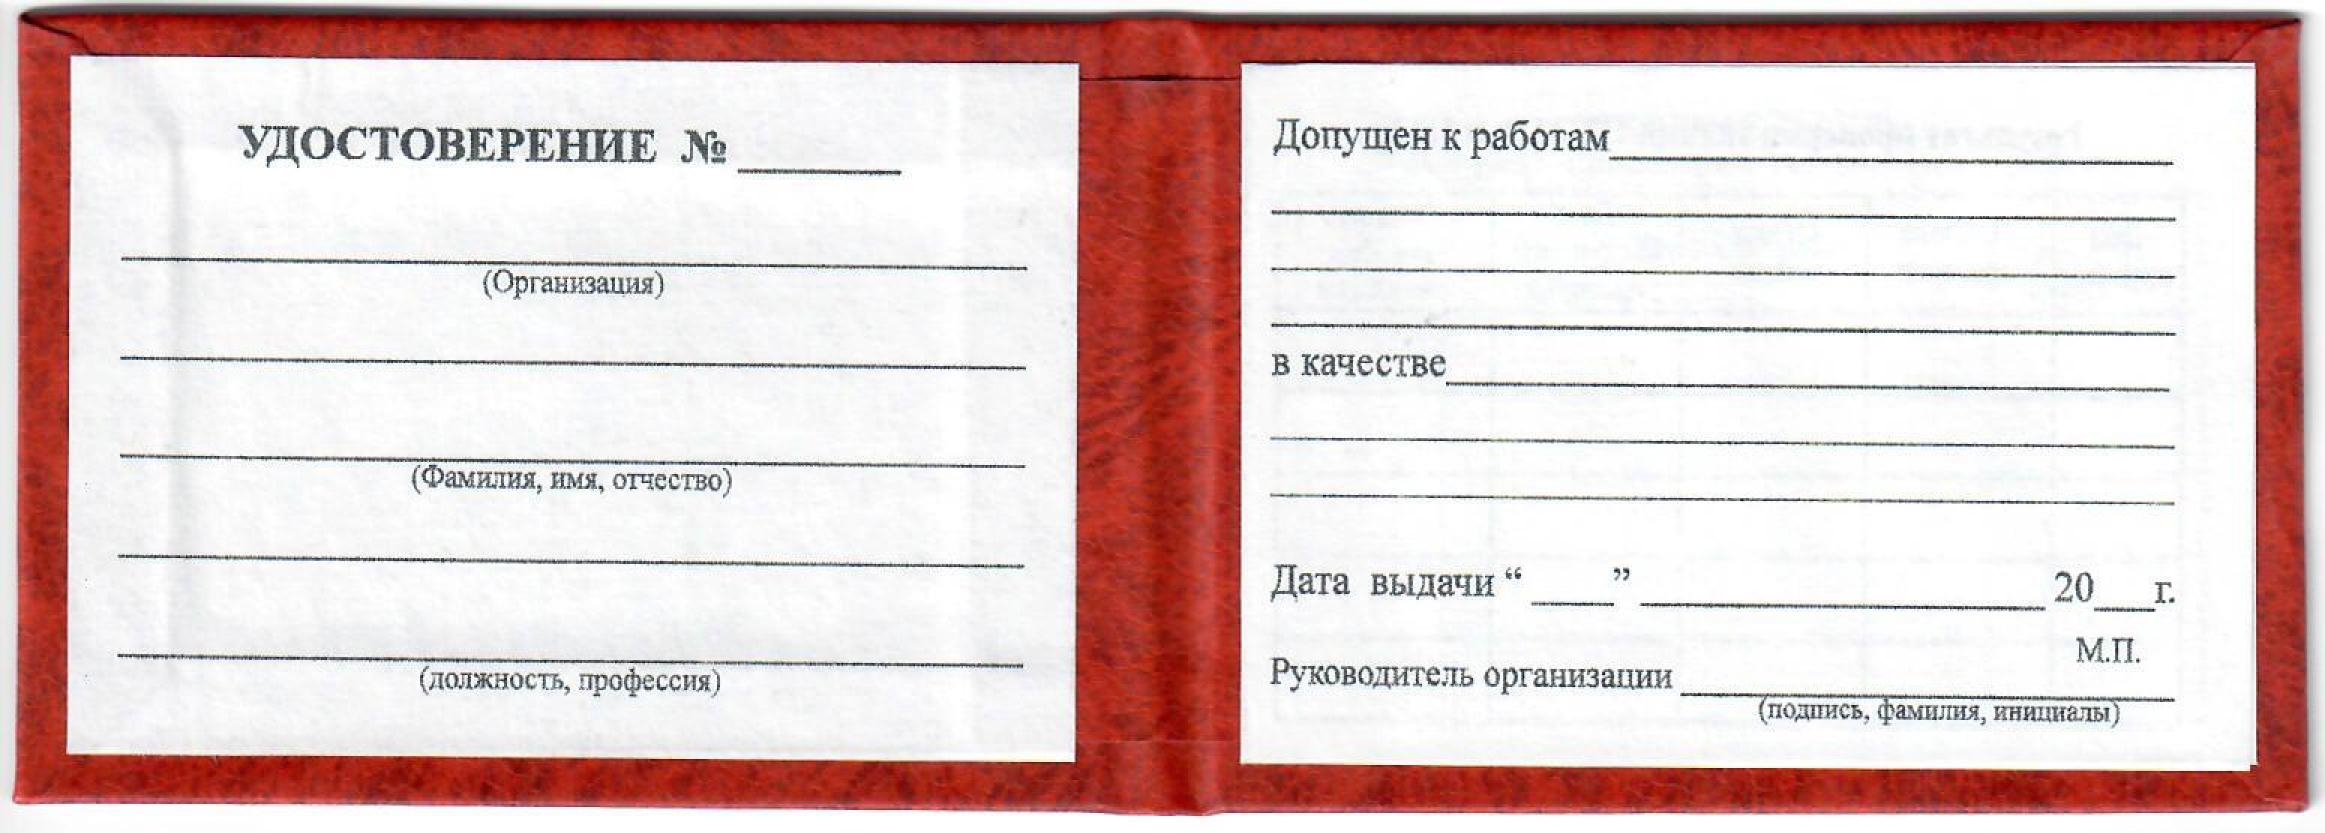 Удостоверение по электробезопасности 4 группа